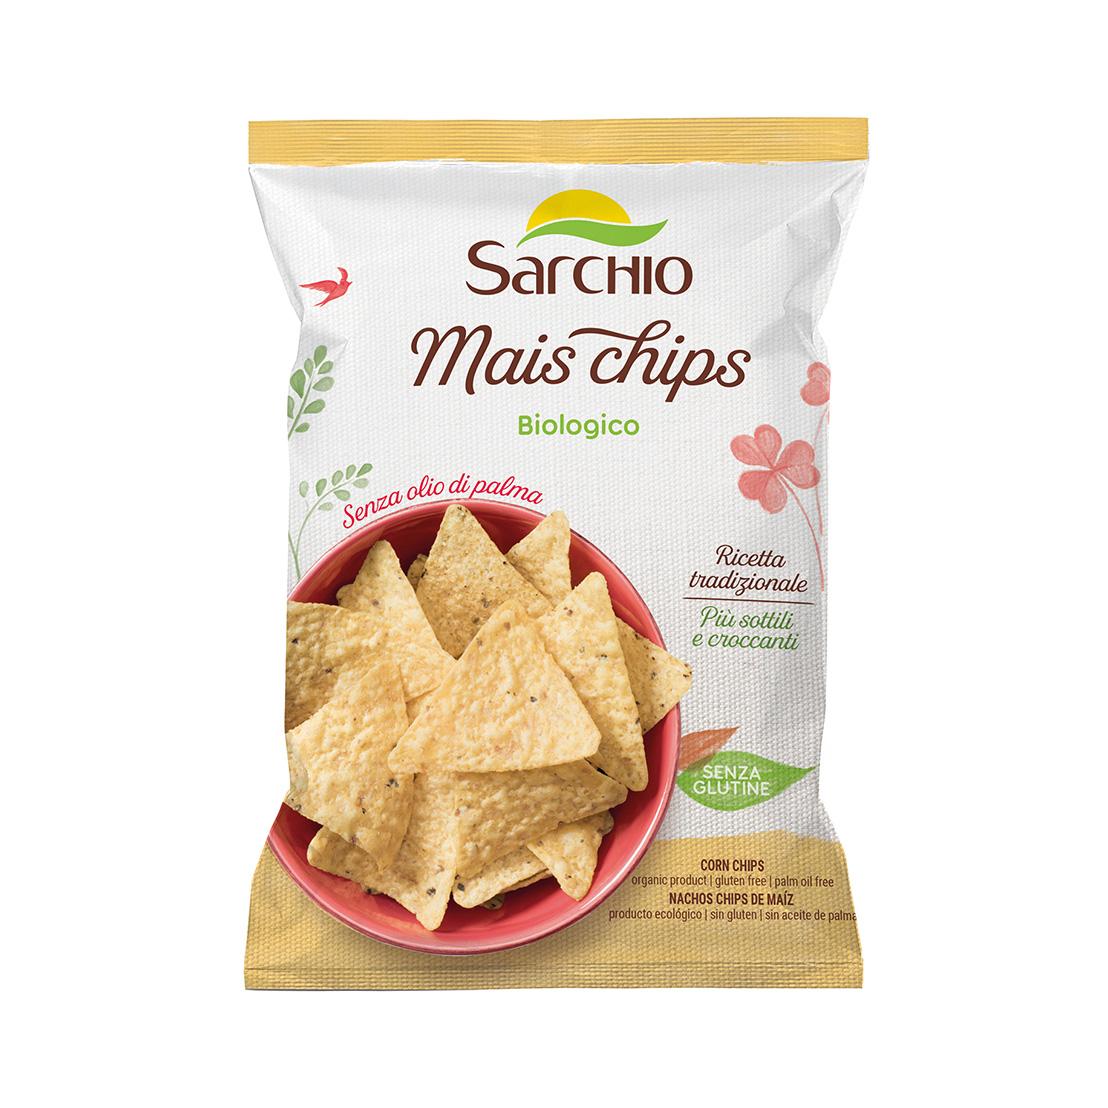 Ricetta Nachos Senza Glutine.Prodotti Biologici Snack Salati Mais Chips Sarchio Prodotti Biologici Alimenti Senza Glutine E Vegan